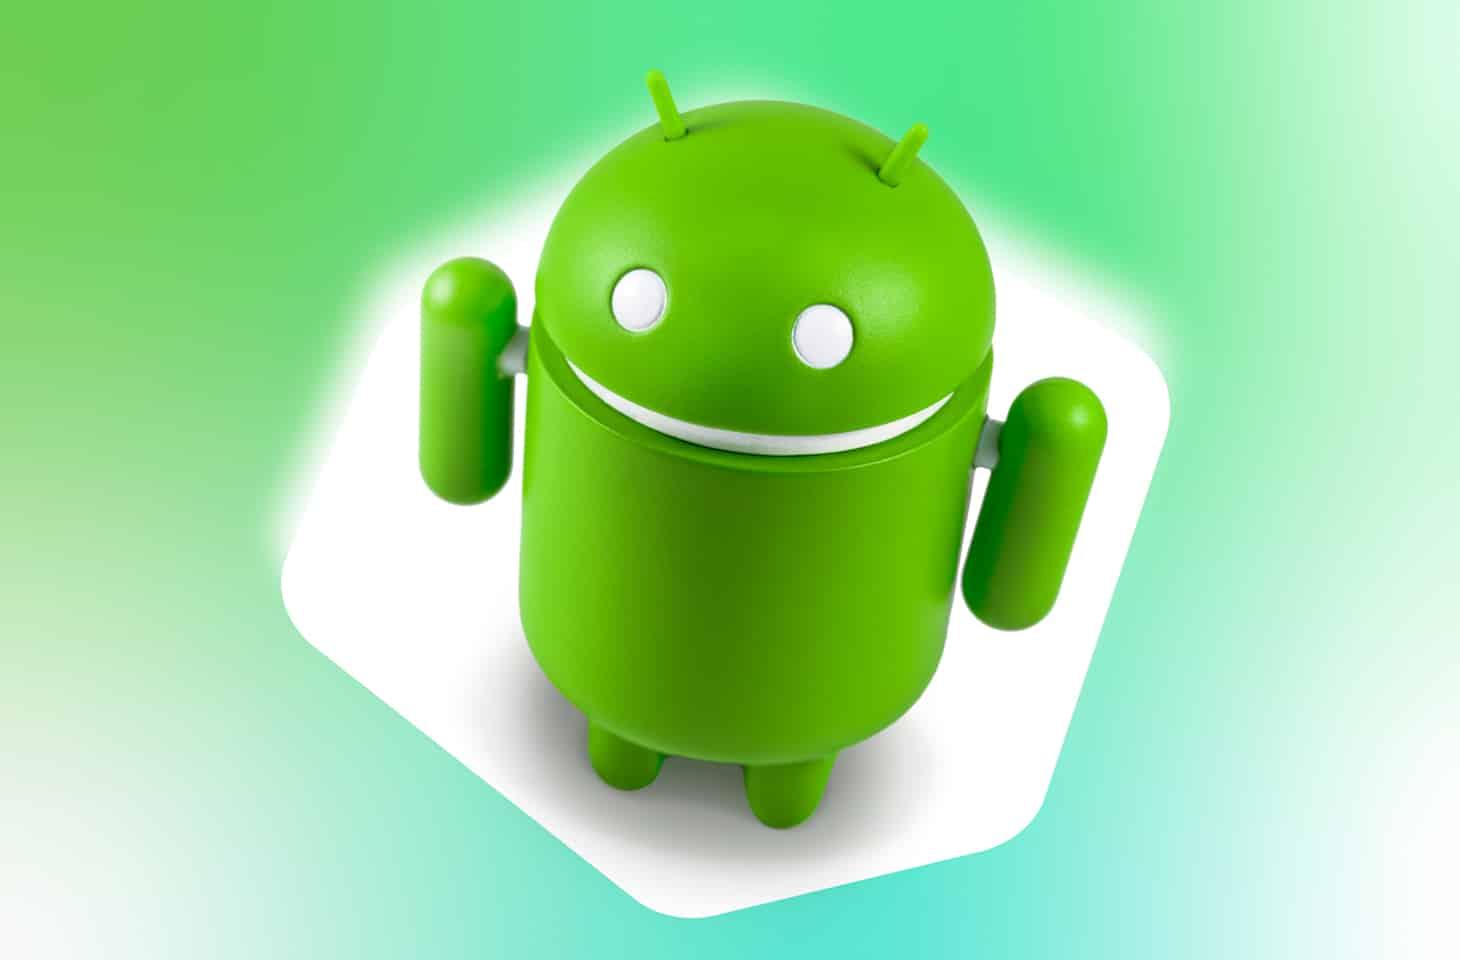 Como instalar APK no Android 8, 9 e 10